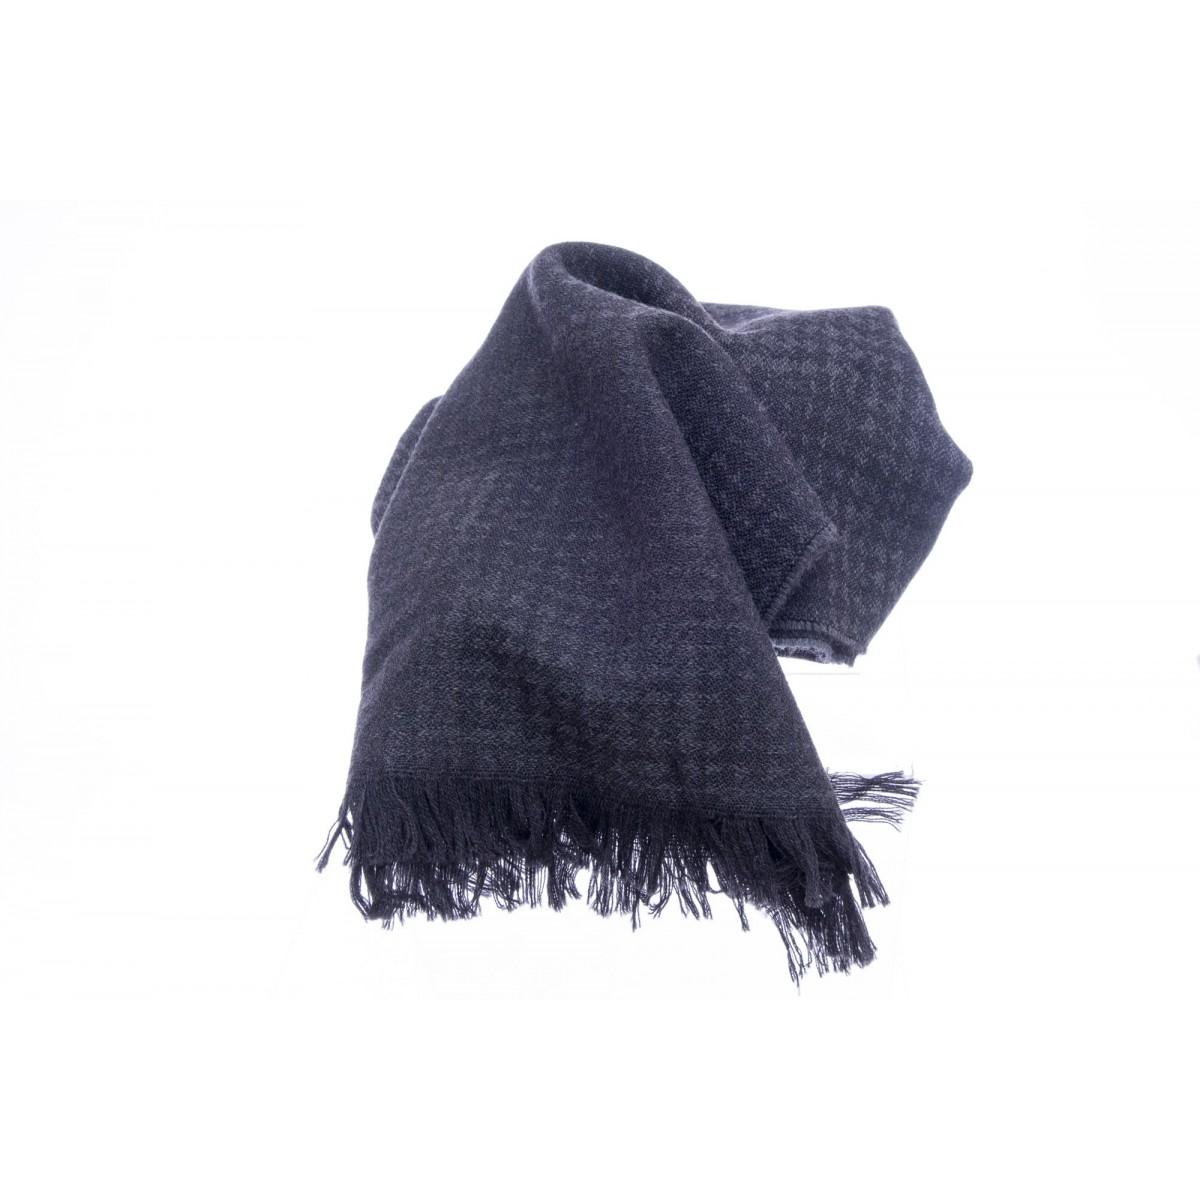 Berretto Kangra - 2044/24 sciarpa lana merinos